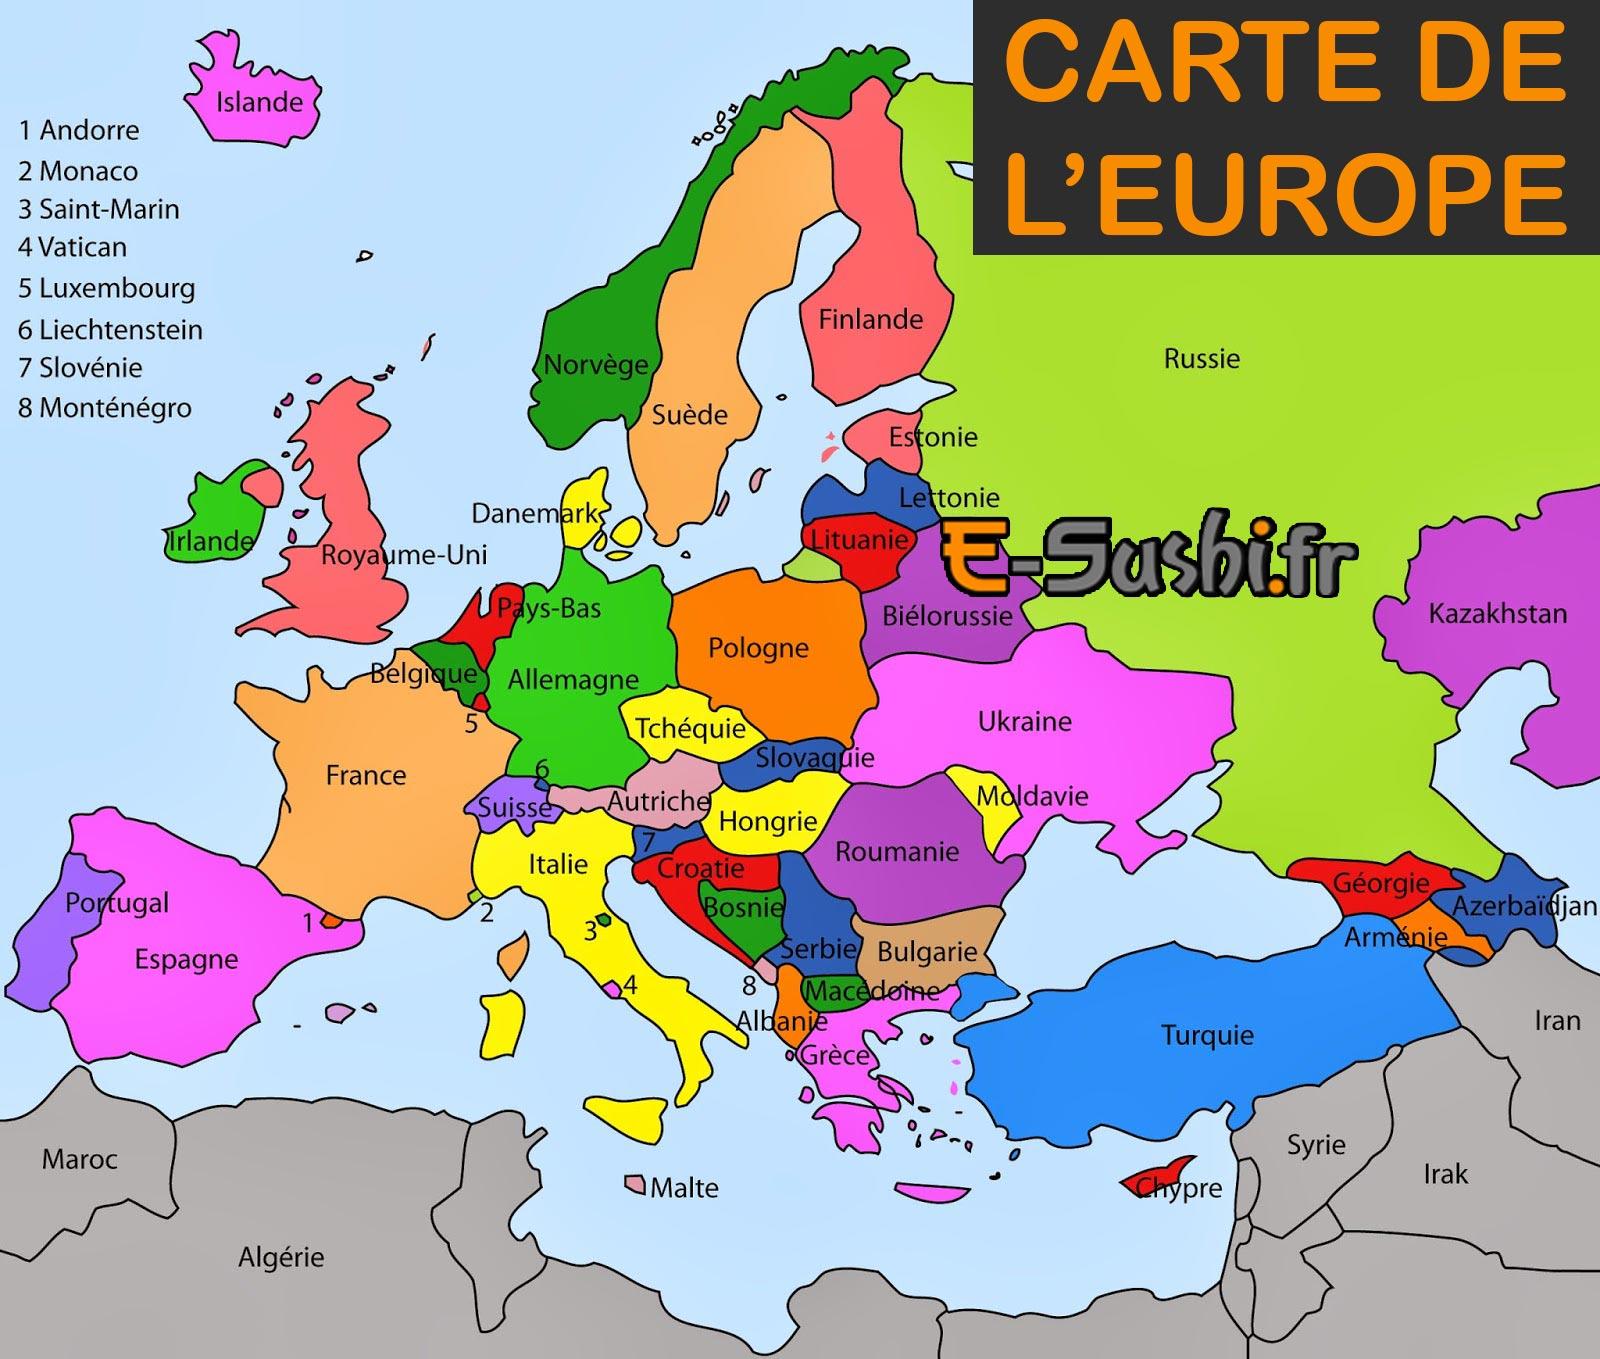 Cartes De Leurope - Romes.danapardaz.co destiné Carte D Europe Avec Pays